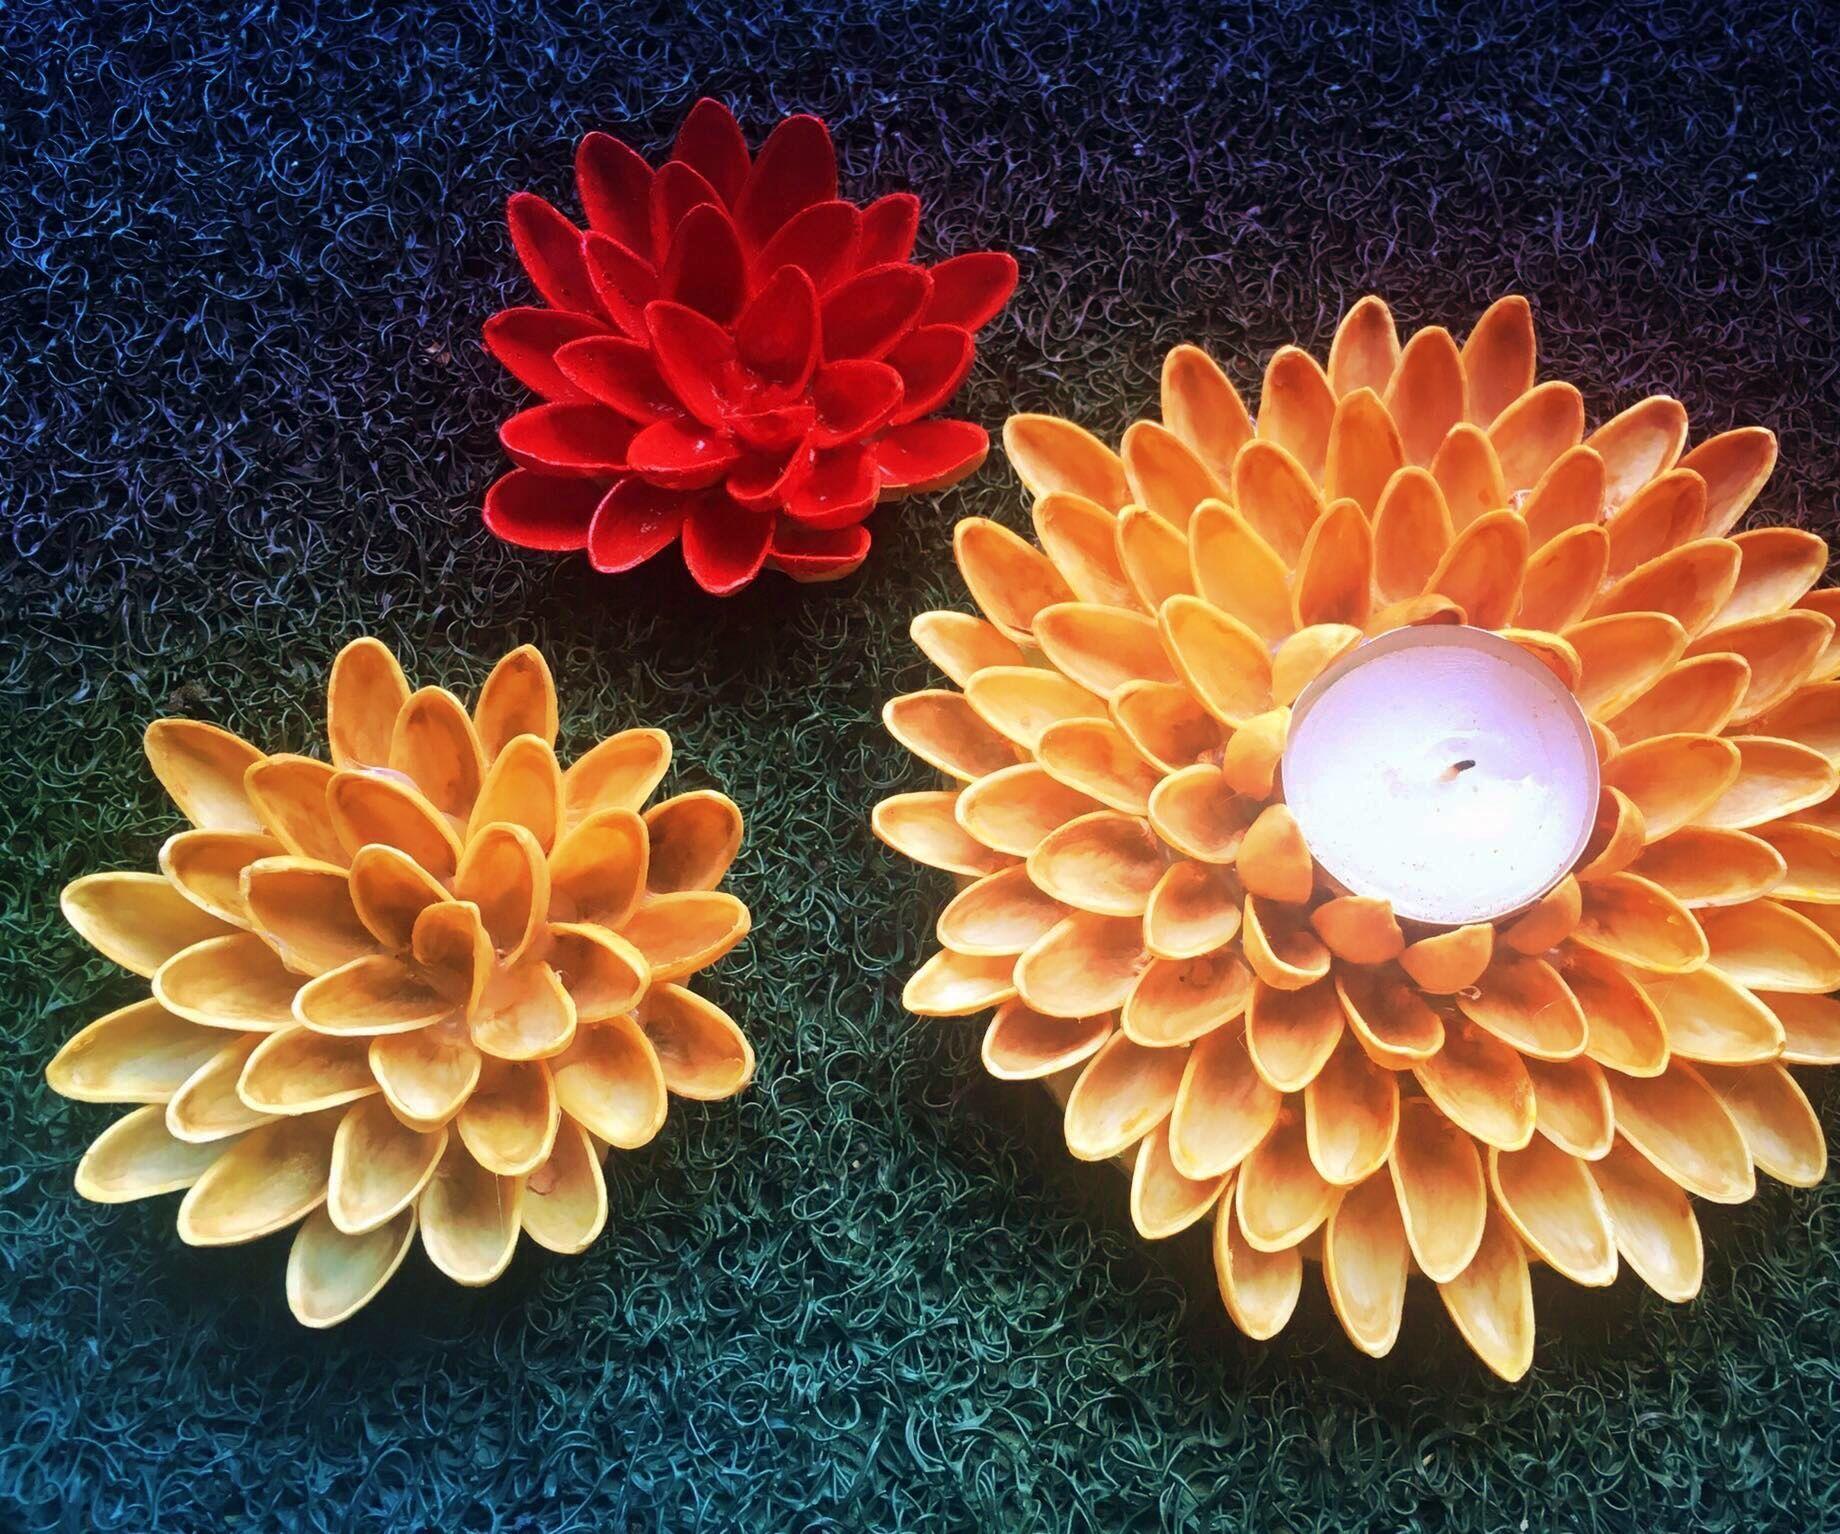 Pistachio Shell Flowers And Votive Holder Seashell Artwork